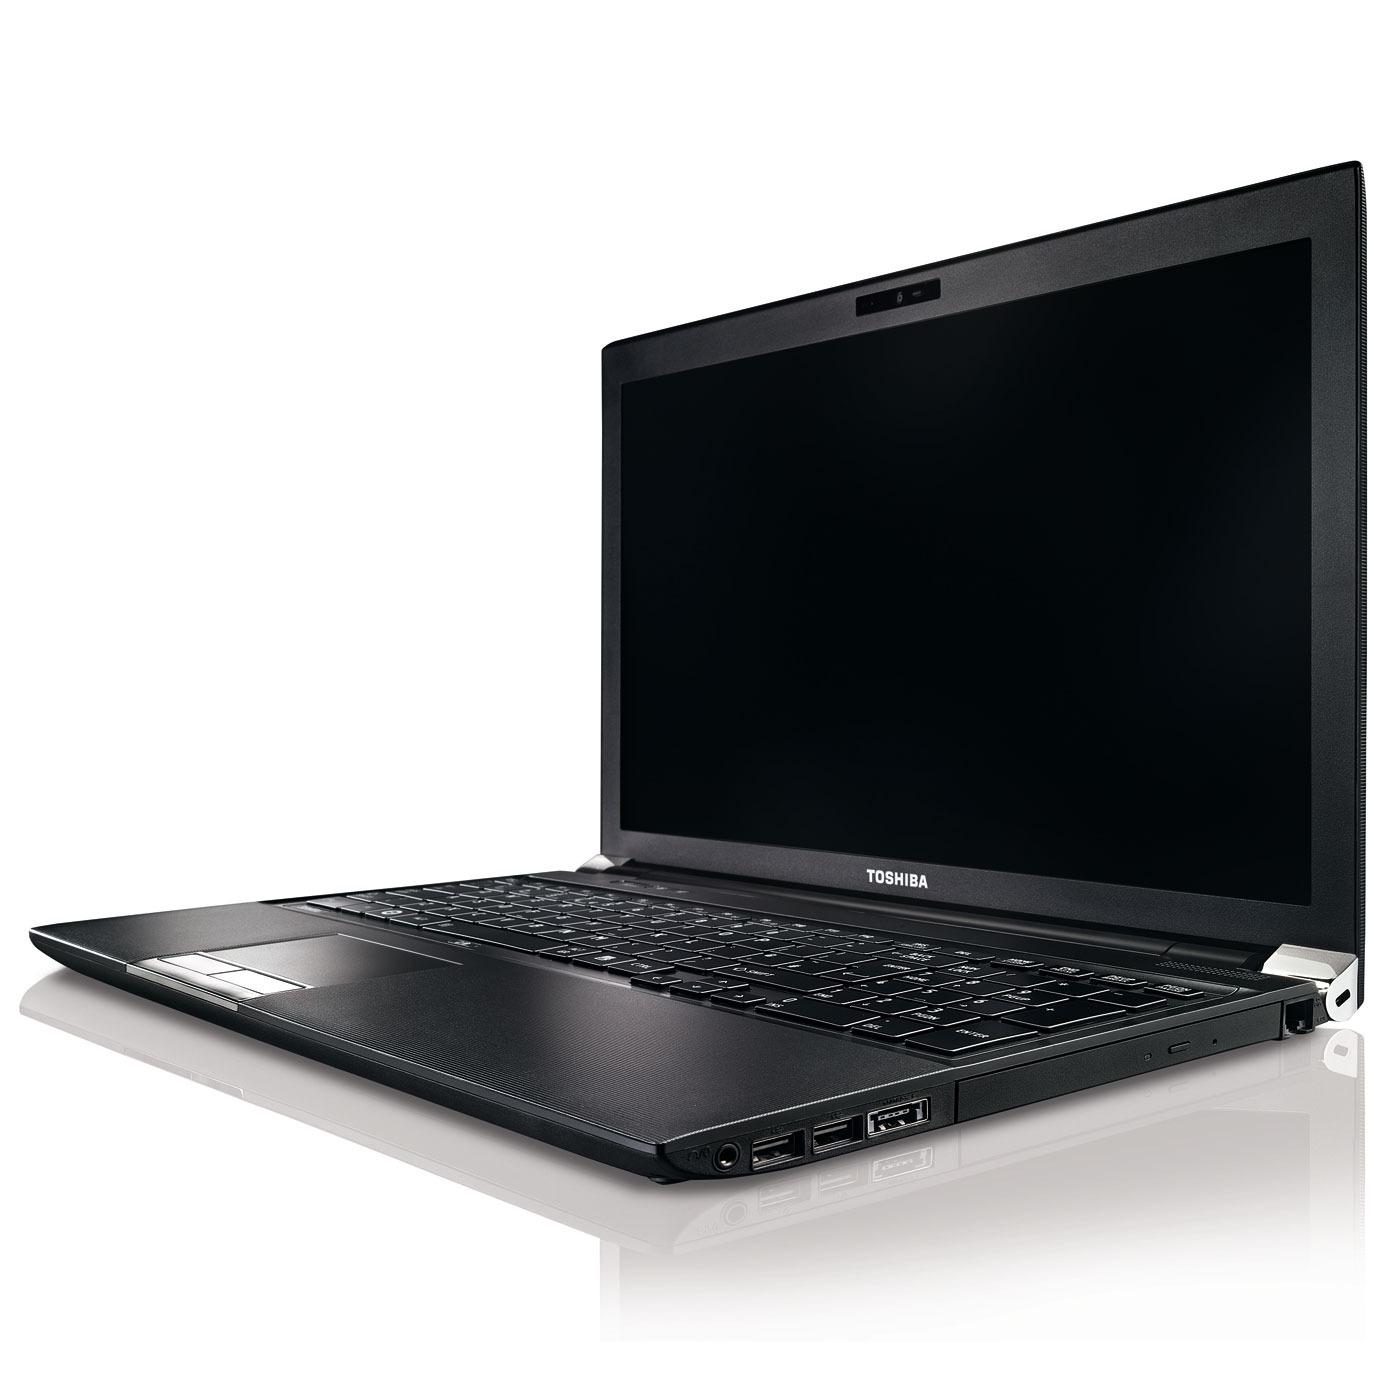 Toshiba Tecra R850 11W